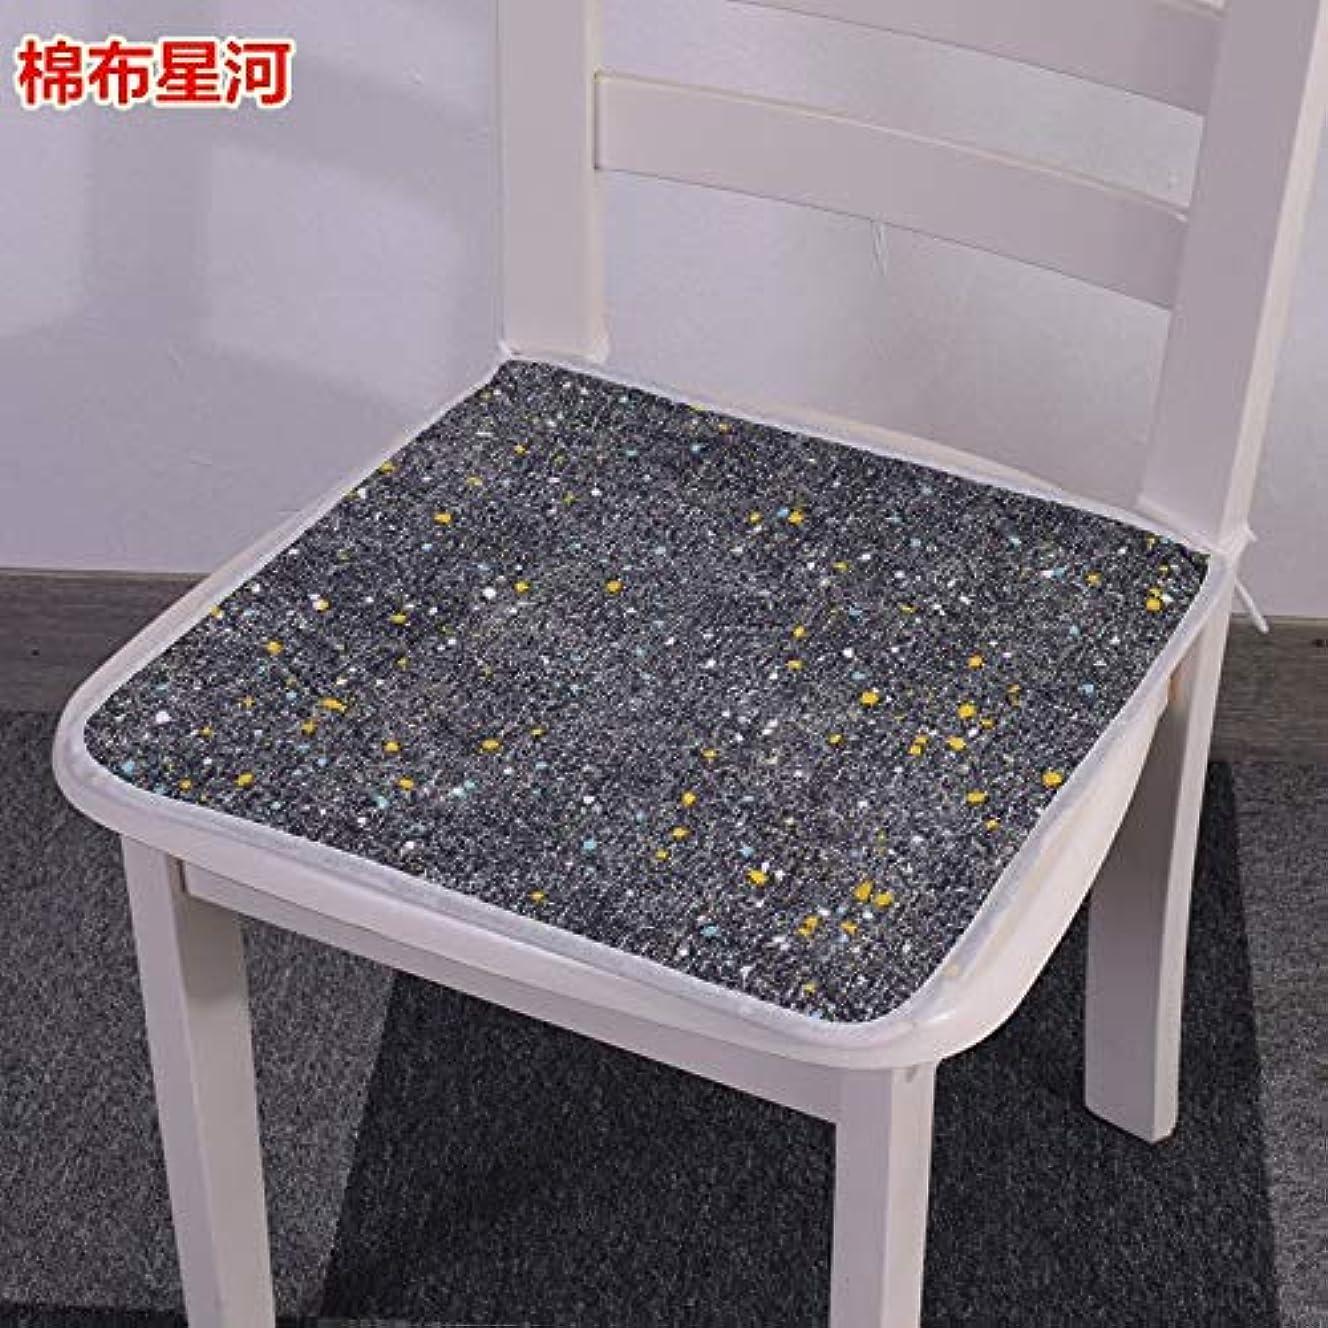 第三ぼんやりした汚染するLIFE 現代スーパーソフト椅子クッション非スリップシートクッションマットソファホームデコレーションバッククッションチェアパッド 40*40/45*45/50*50 センチメートル クッション 椅子